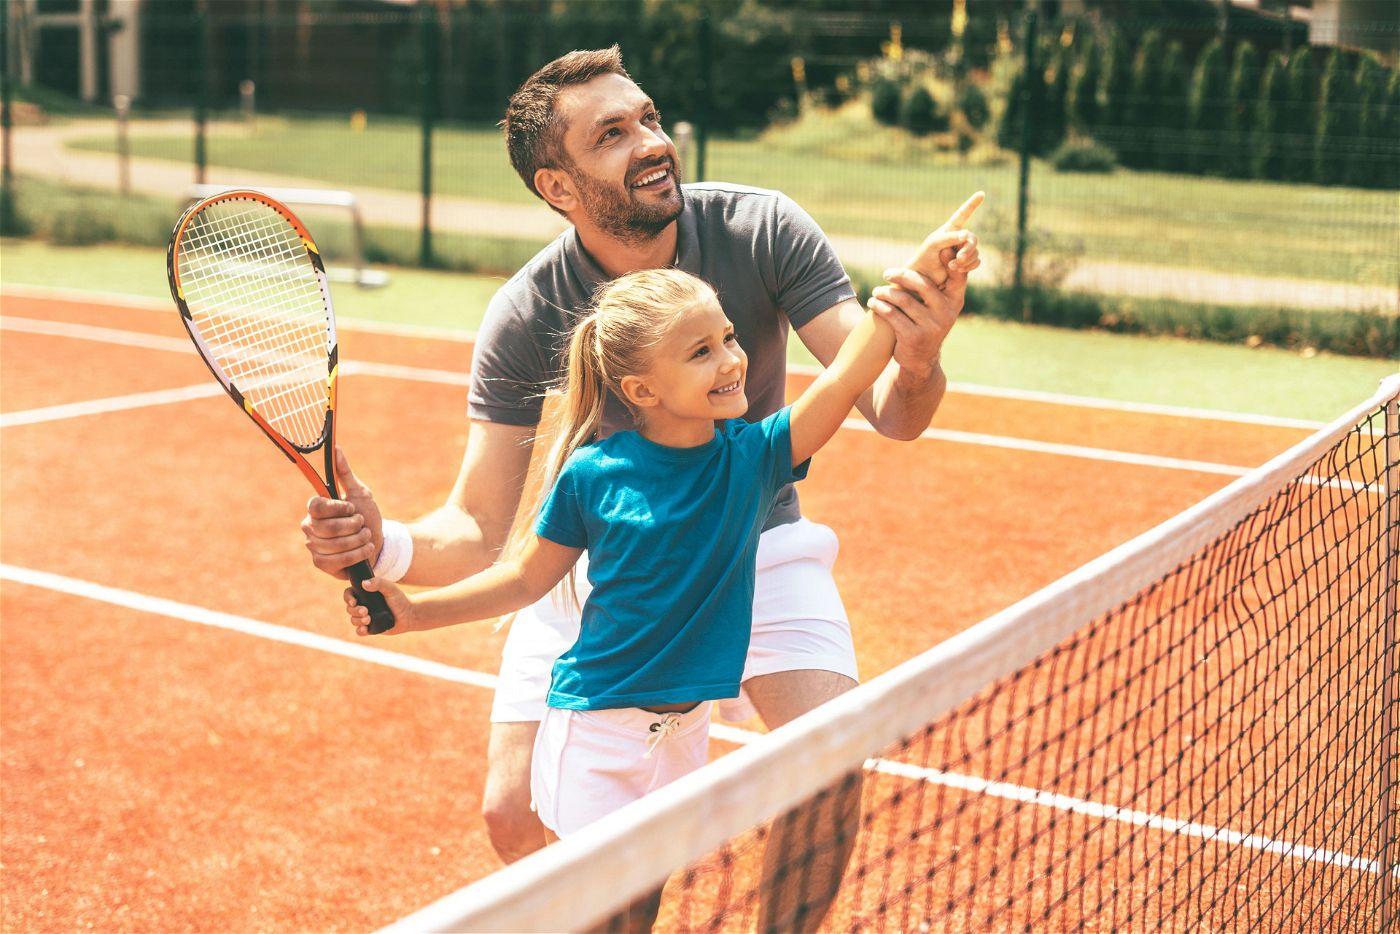 Gemeinsam aktiv: Um Kinder zum Sport zu bewegen, können Eltern auch gemeinsam mit ihnen aktiv werden.